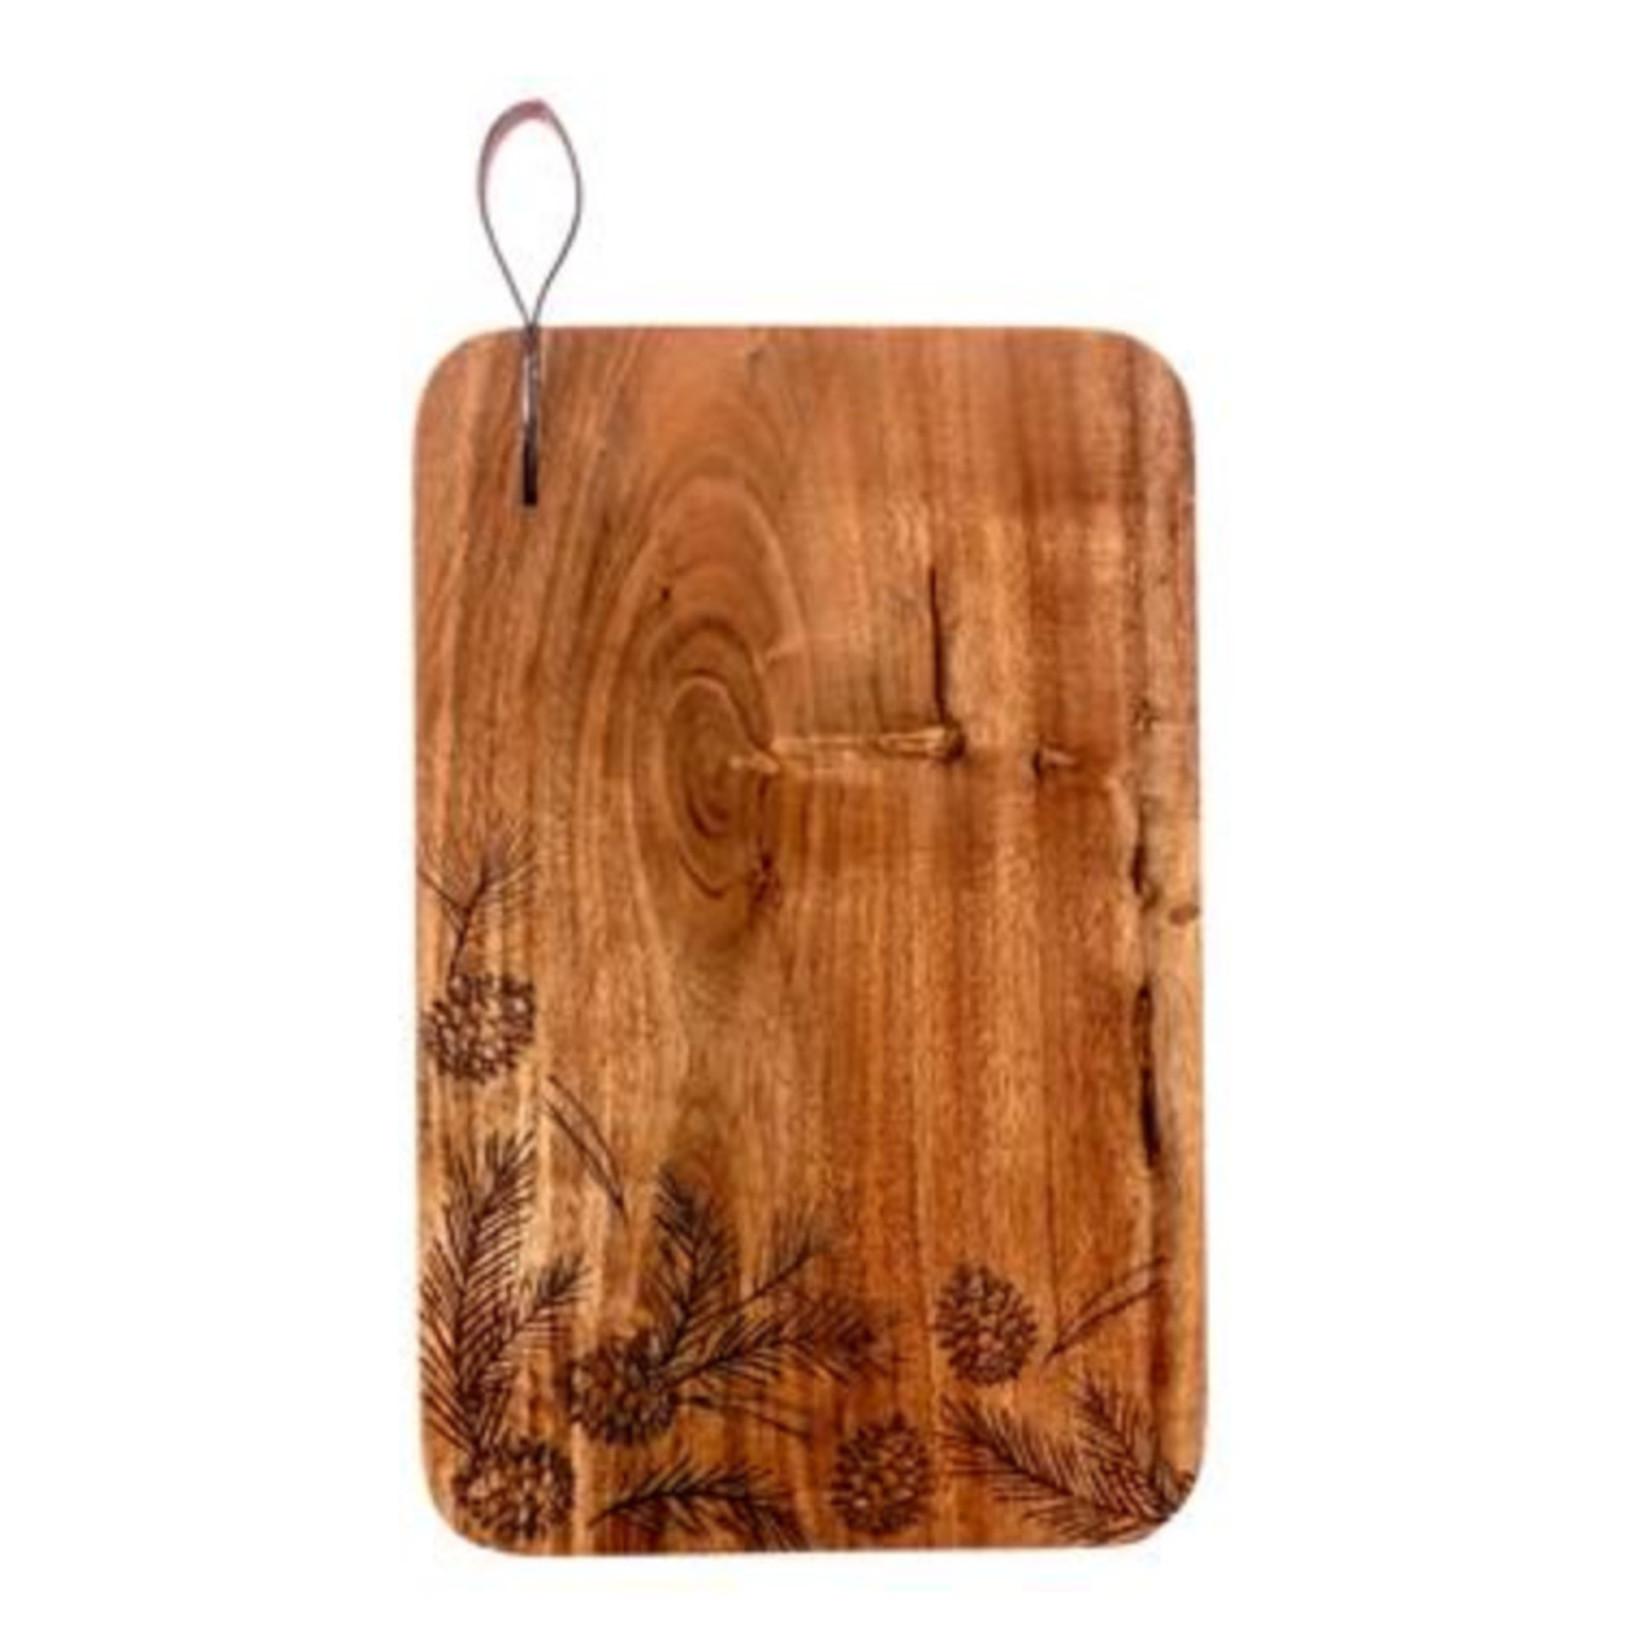 Karma Etched cutting board